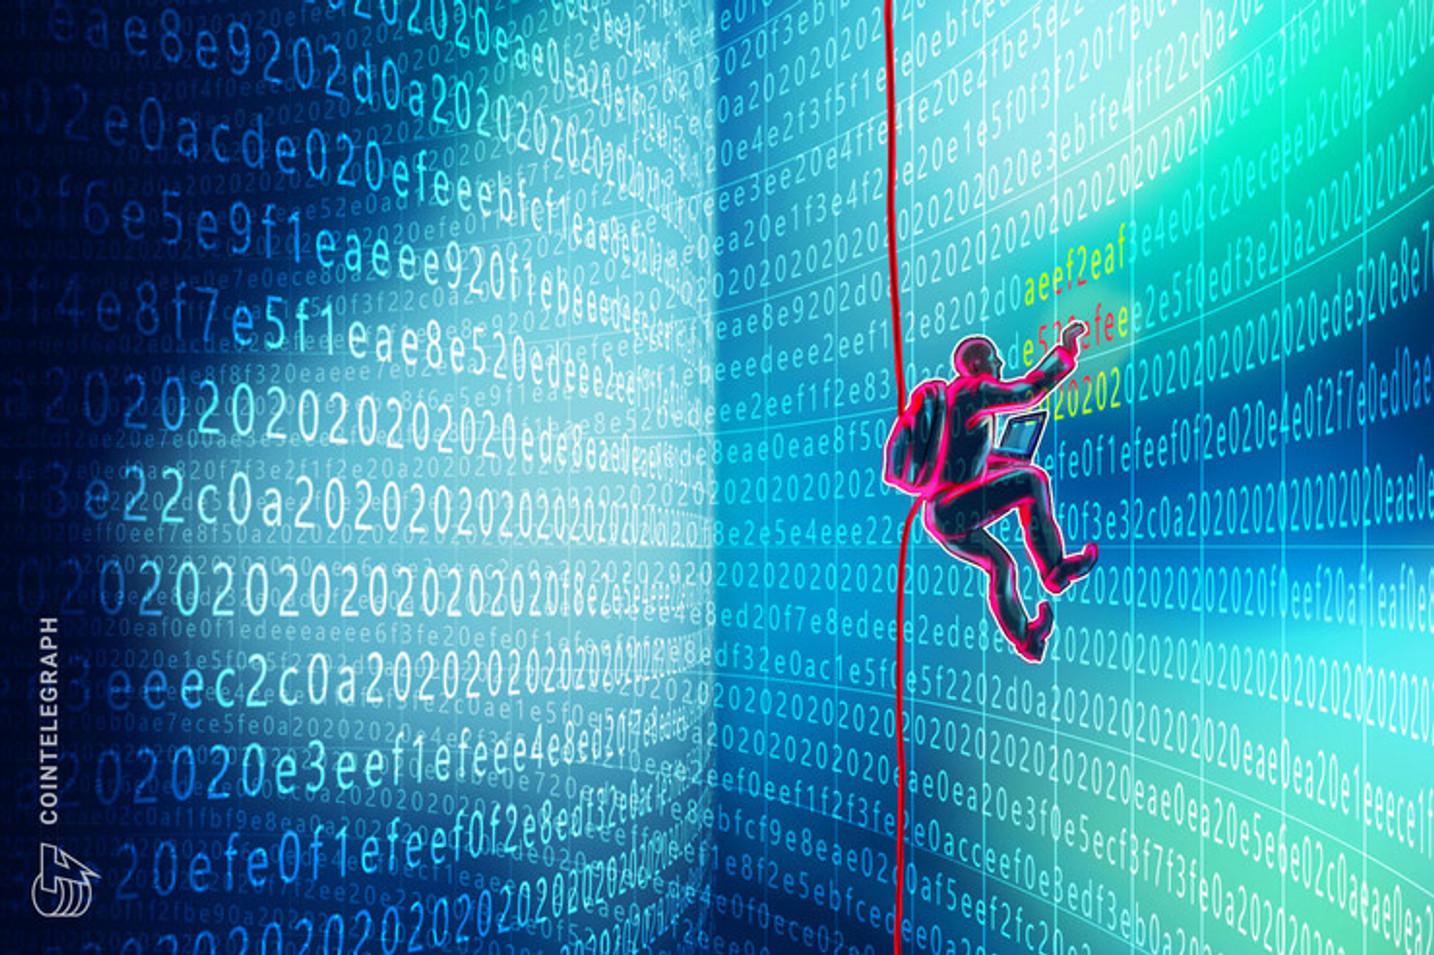 BSI veröffentlicht umfassende Sicherheitsanalyse der Blockchain-Technologie